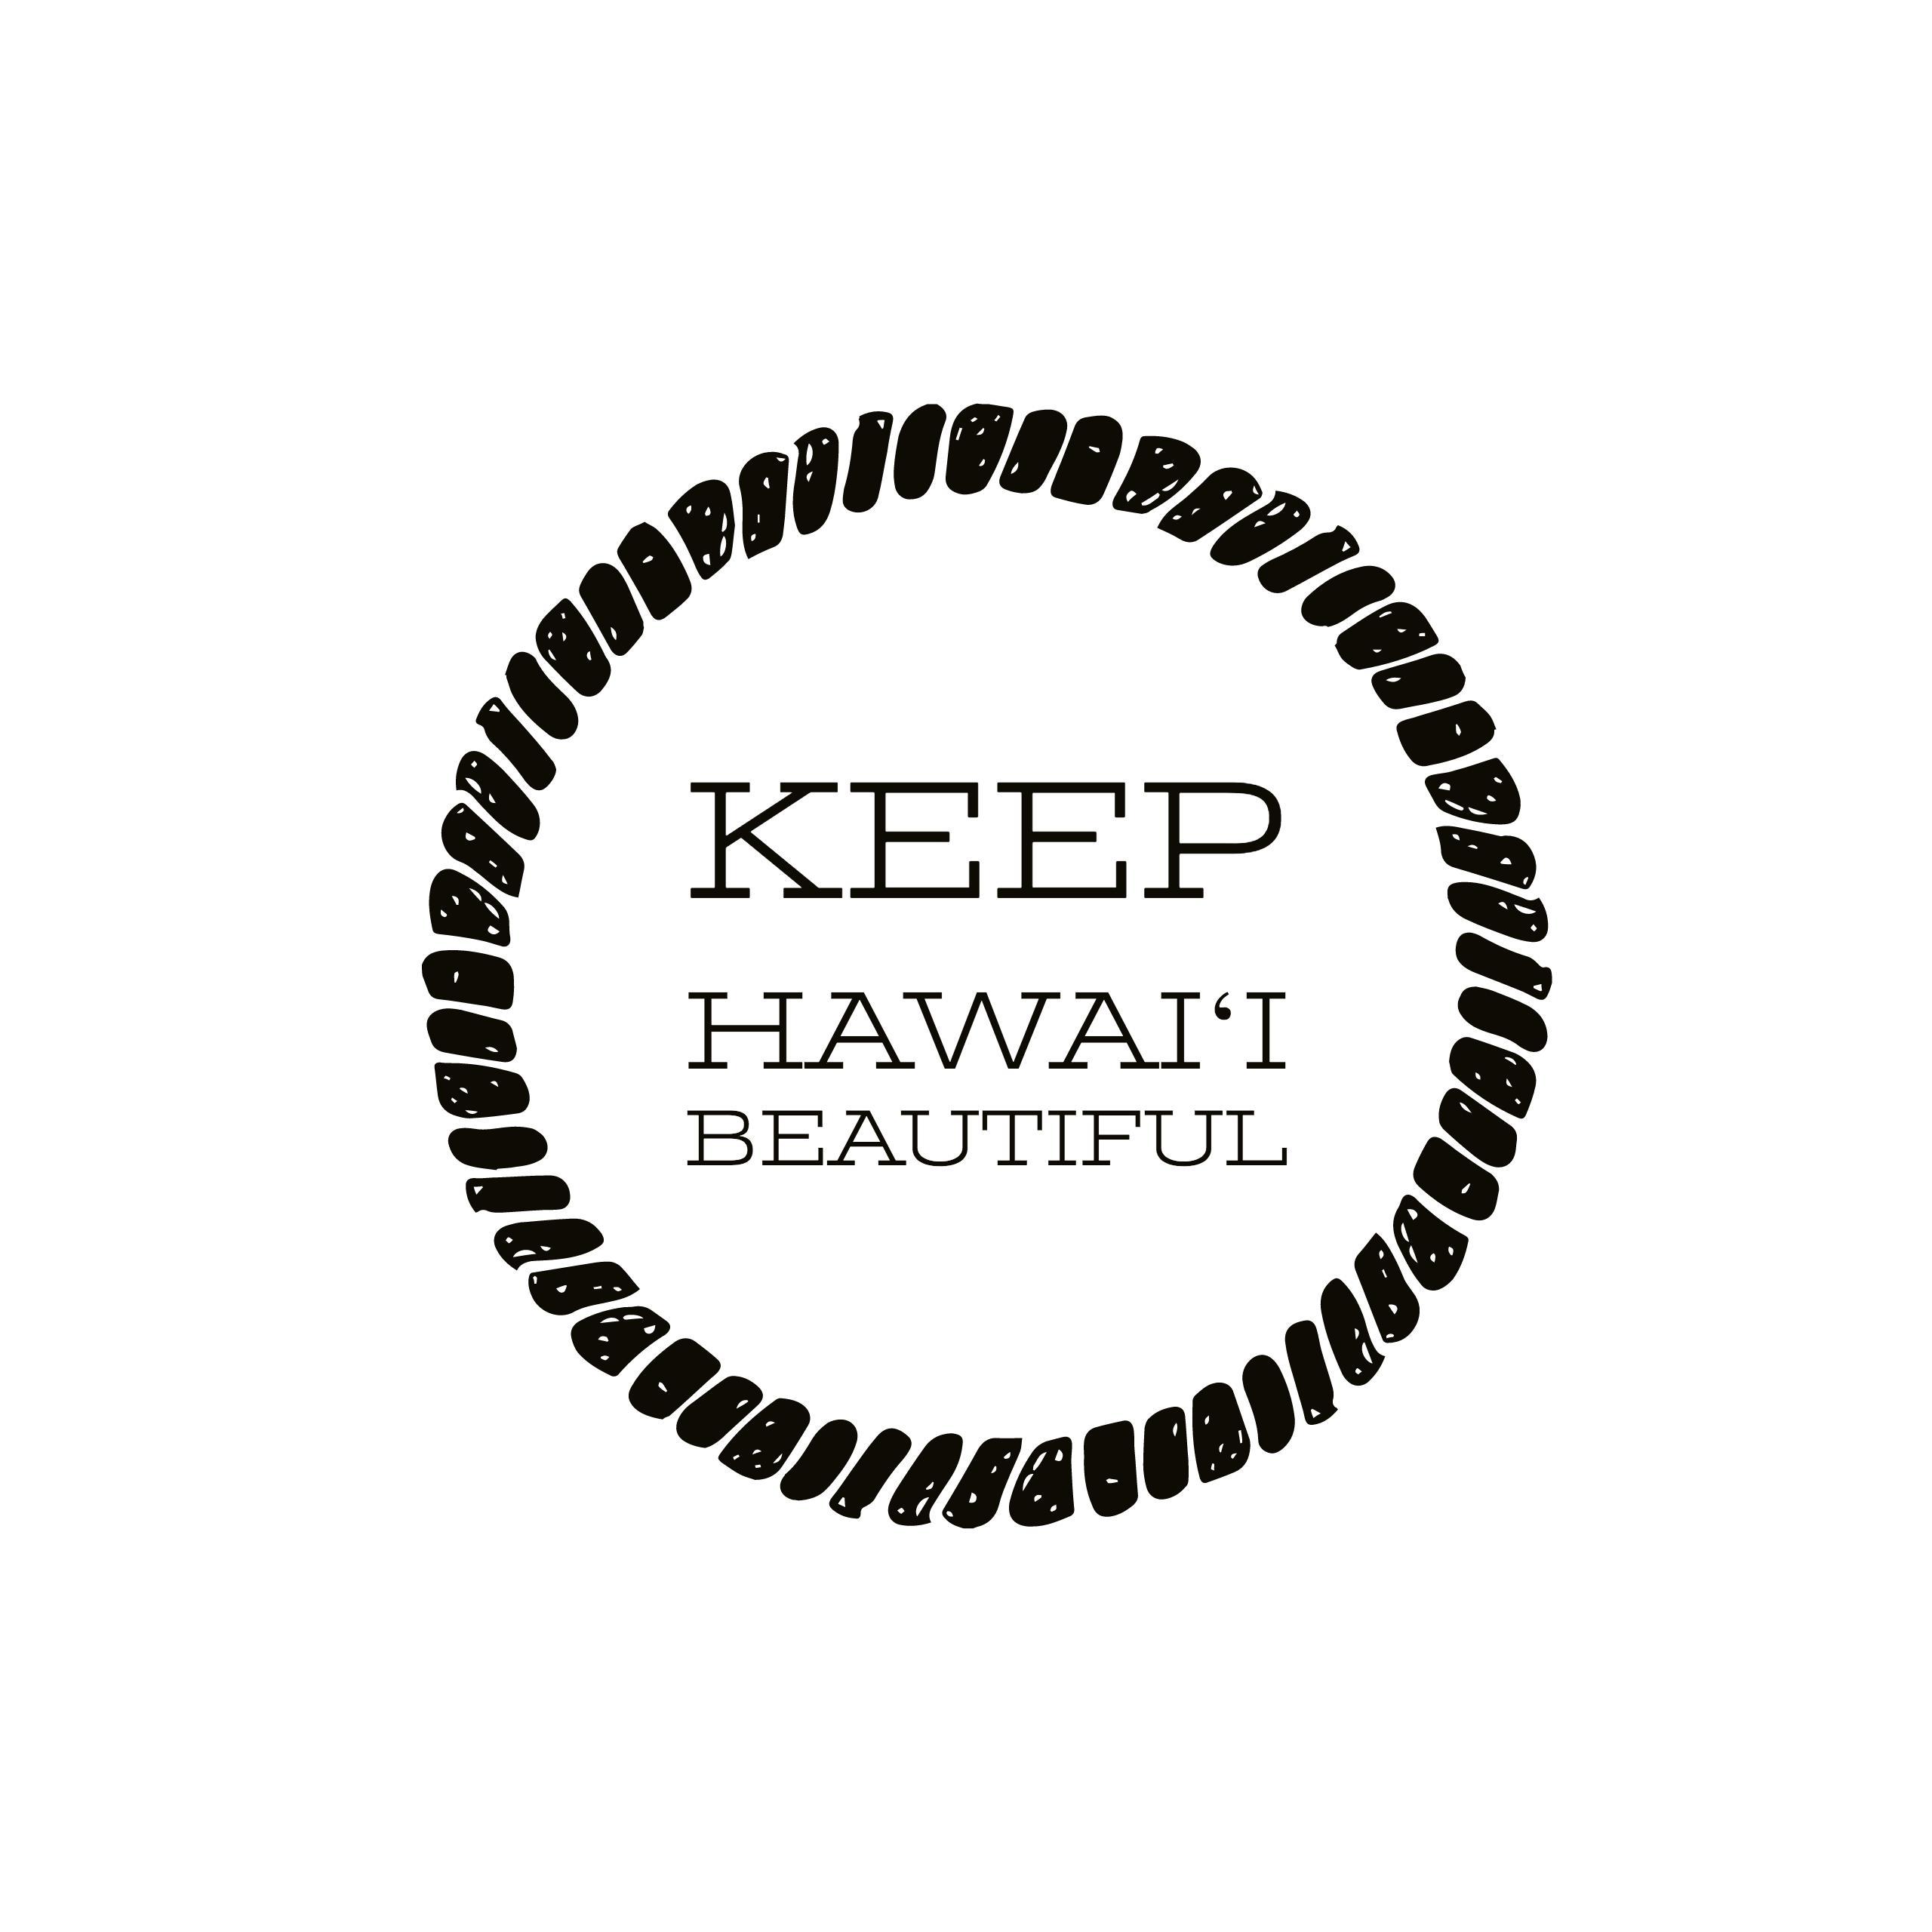 Keep Hawaii Beautiful